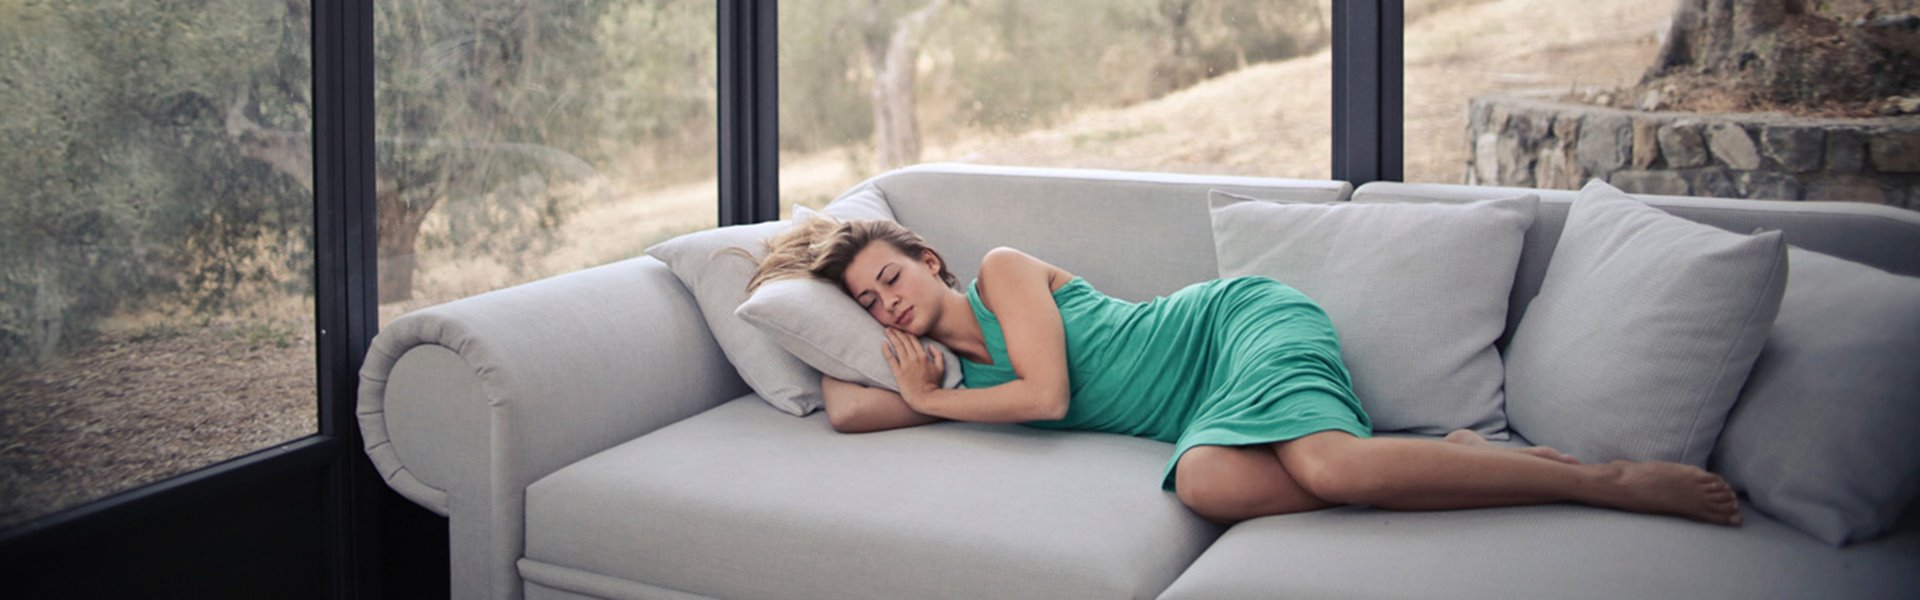 vrouw die op sofa ligt